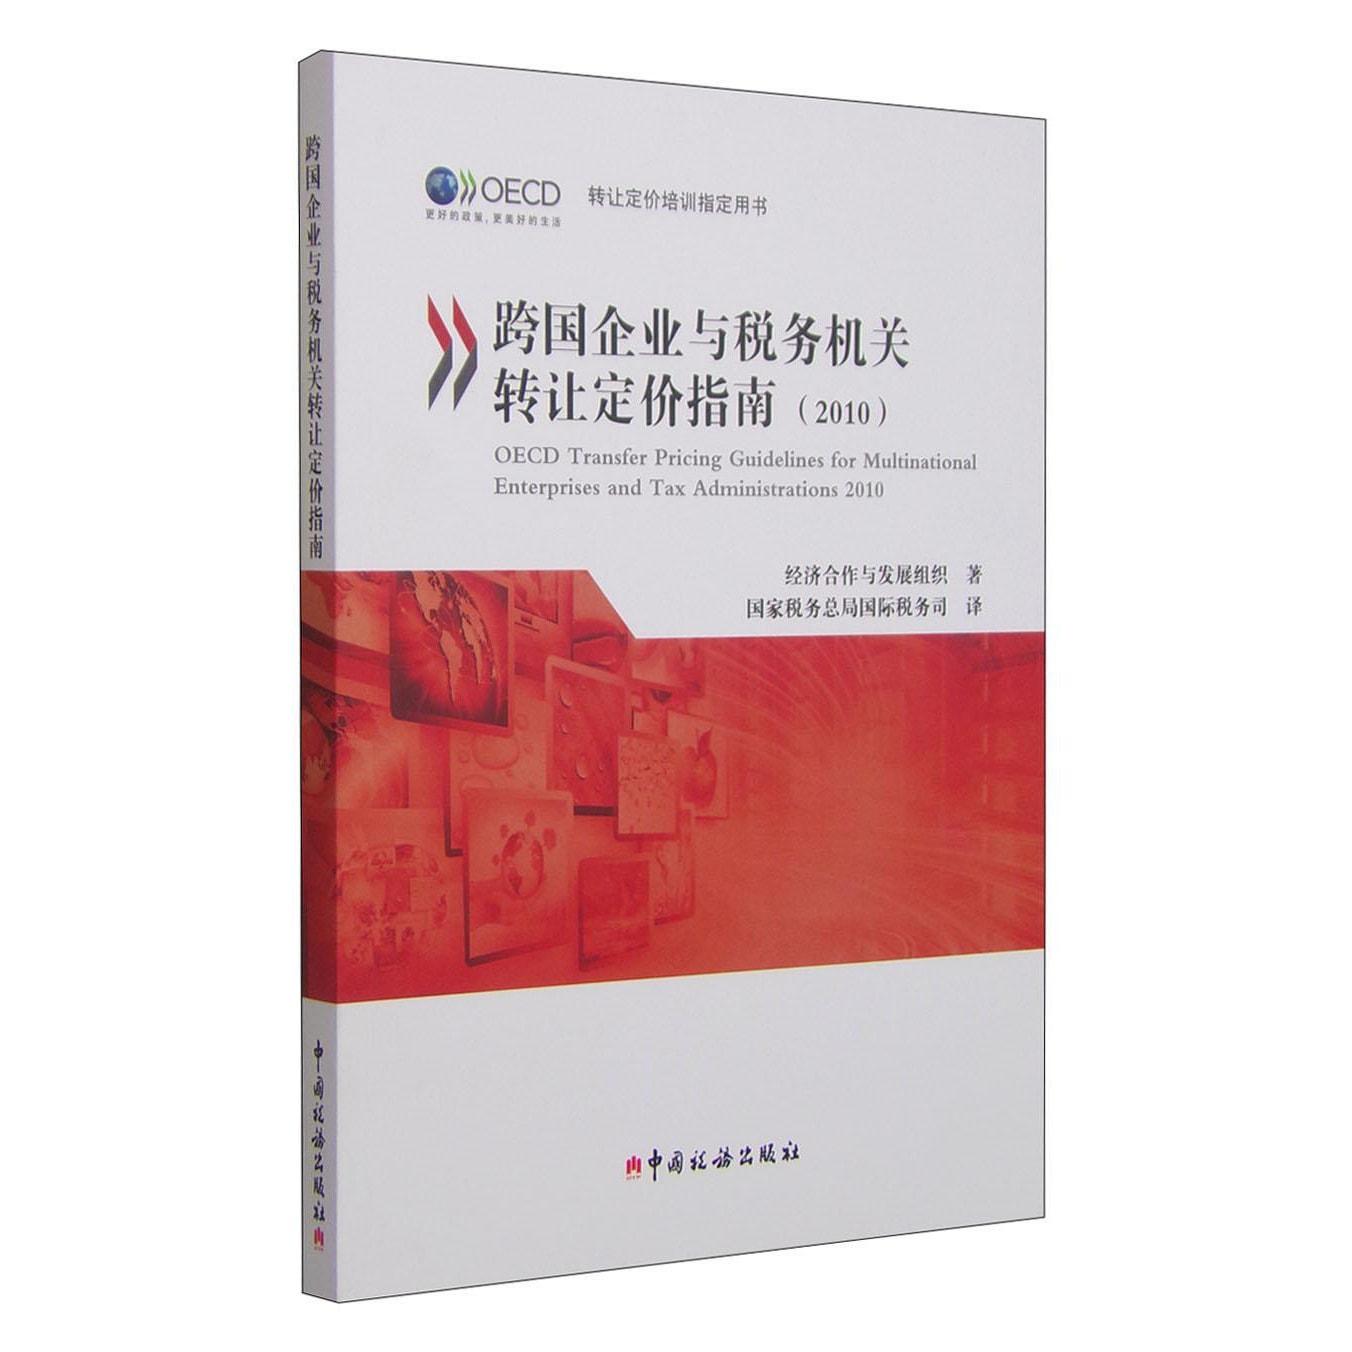 跨国企业与税务机关转让定价指南(2010) 怎么样 - 亚米网